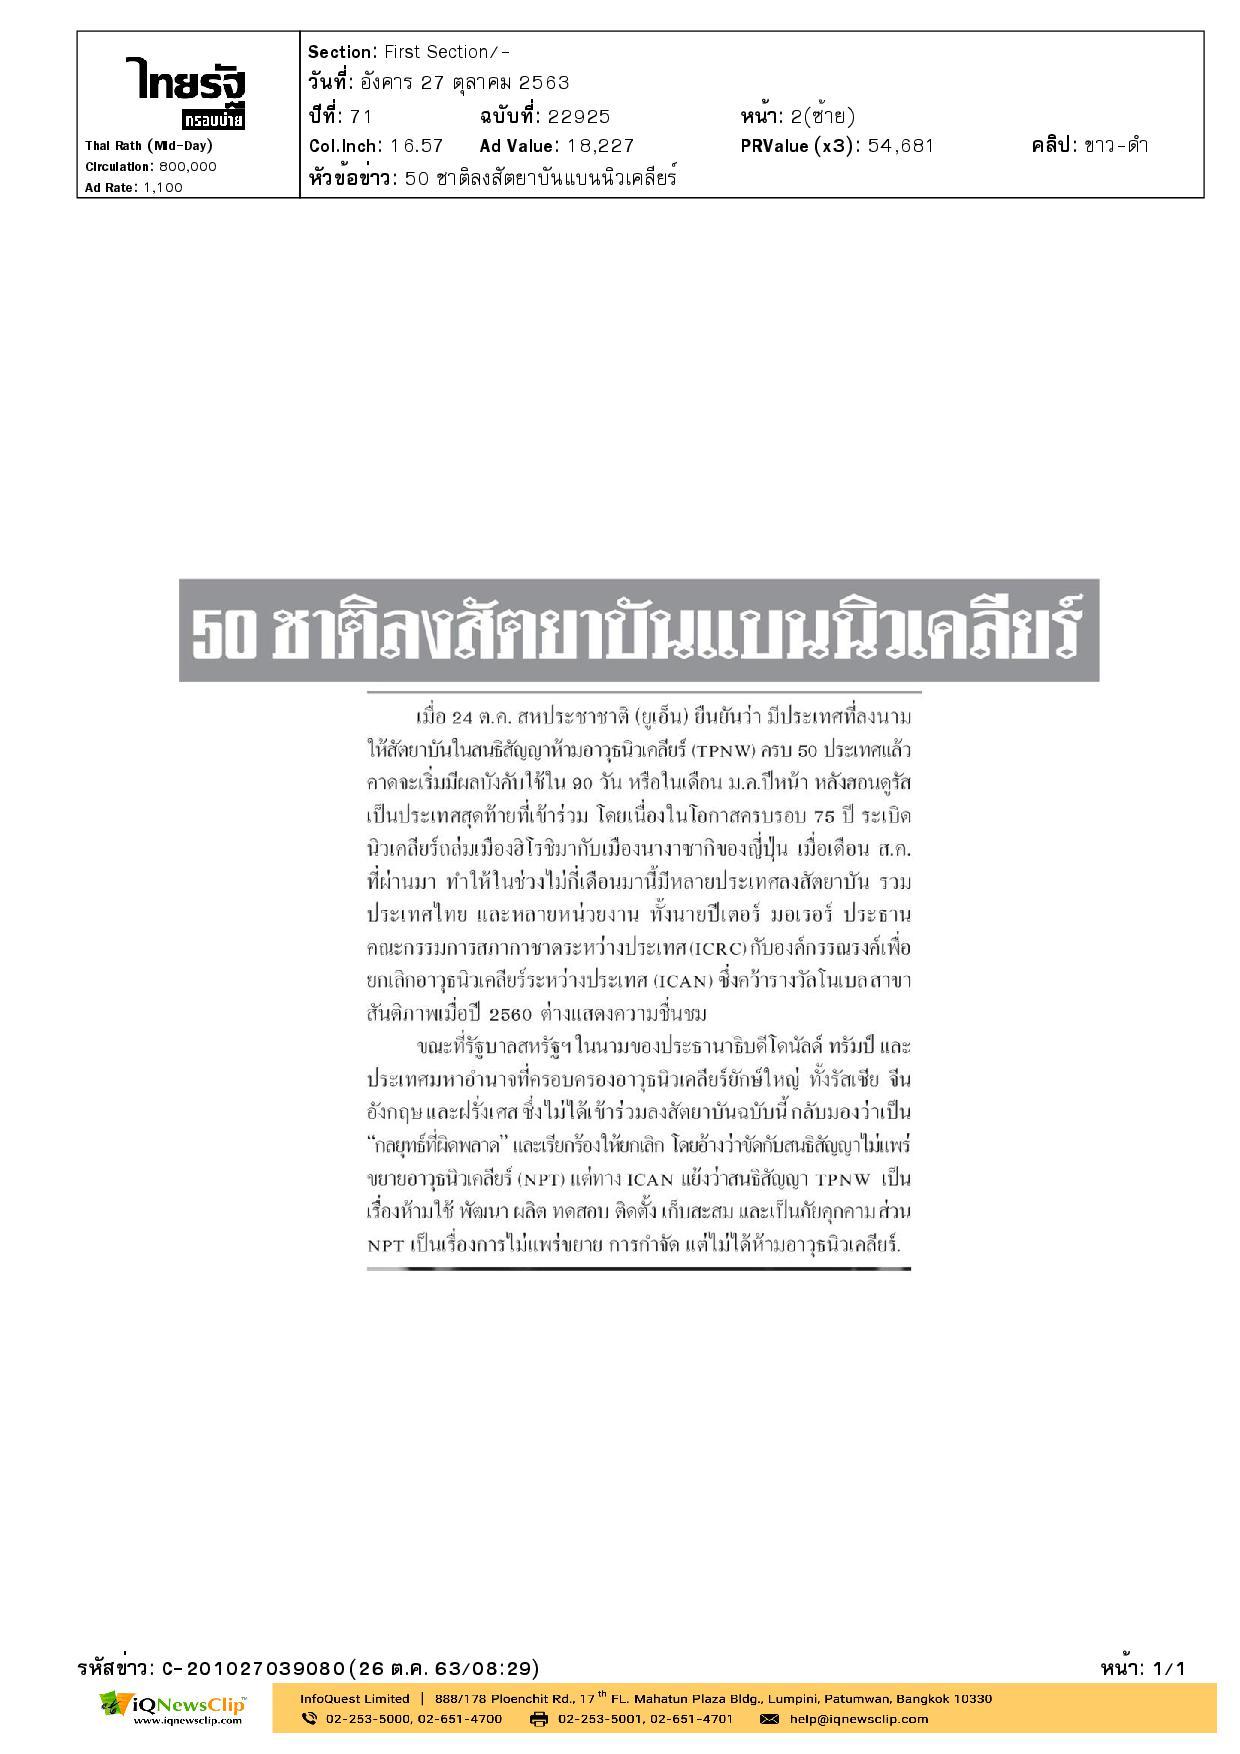 (ICRC) ลงนามสัตยาบันในสนธิสัญญาห้ามอาวุธนิวเคลียร์